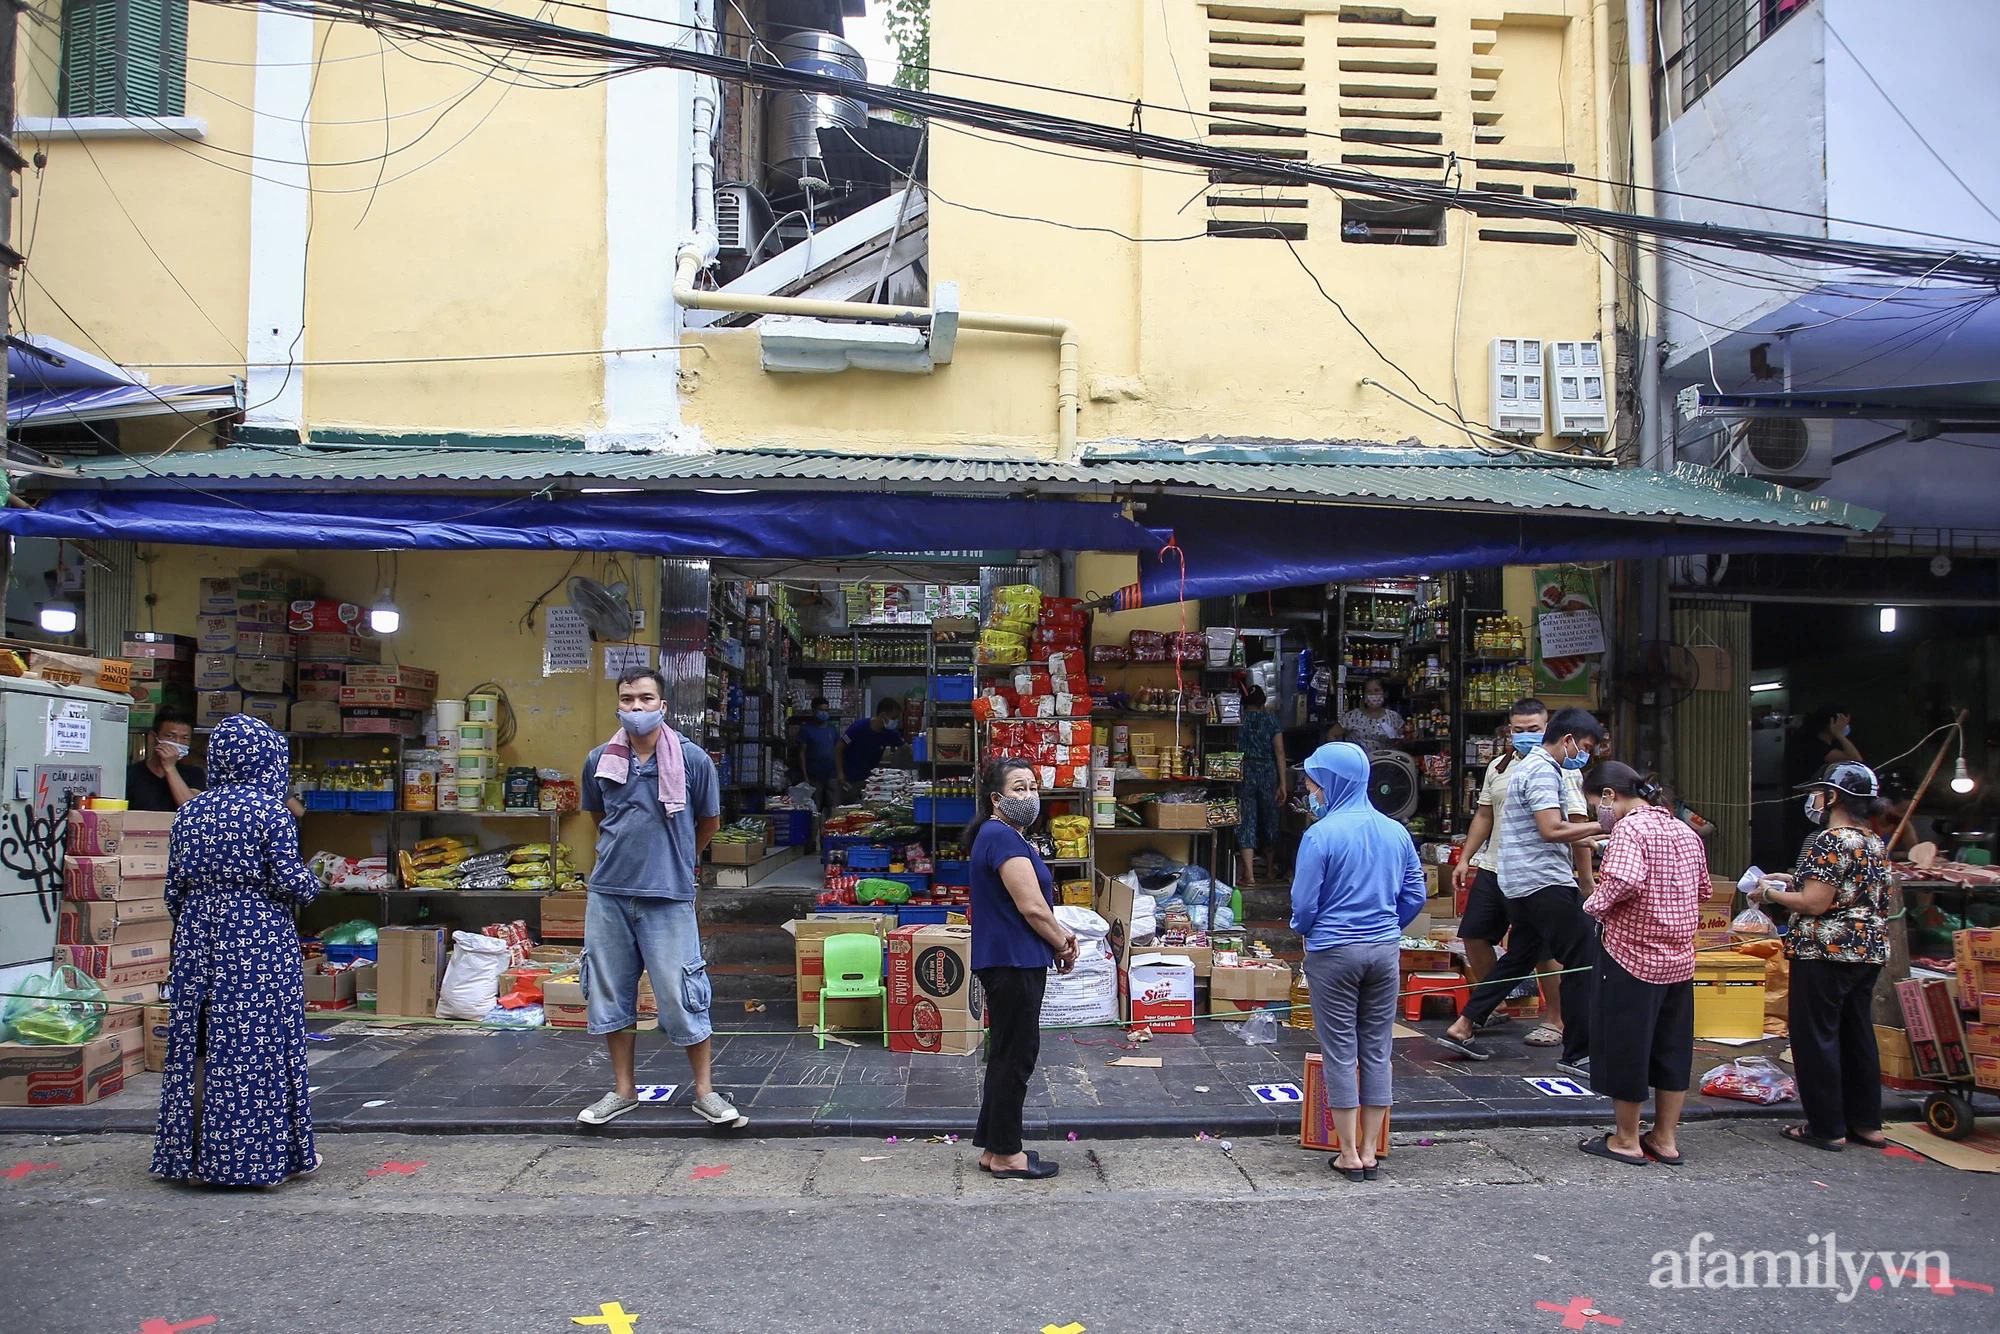 Ngày đầu giãn cách theo Chỉ thị 16, khu chợ ở Hà Nội kẻ vạch cách nhau 2 m, người mua kẻ bán tuy xa mặt nhưng không cách lòng - Ảnh 7.